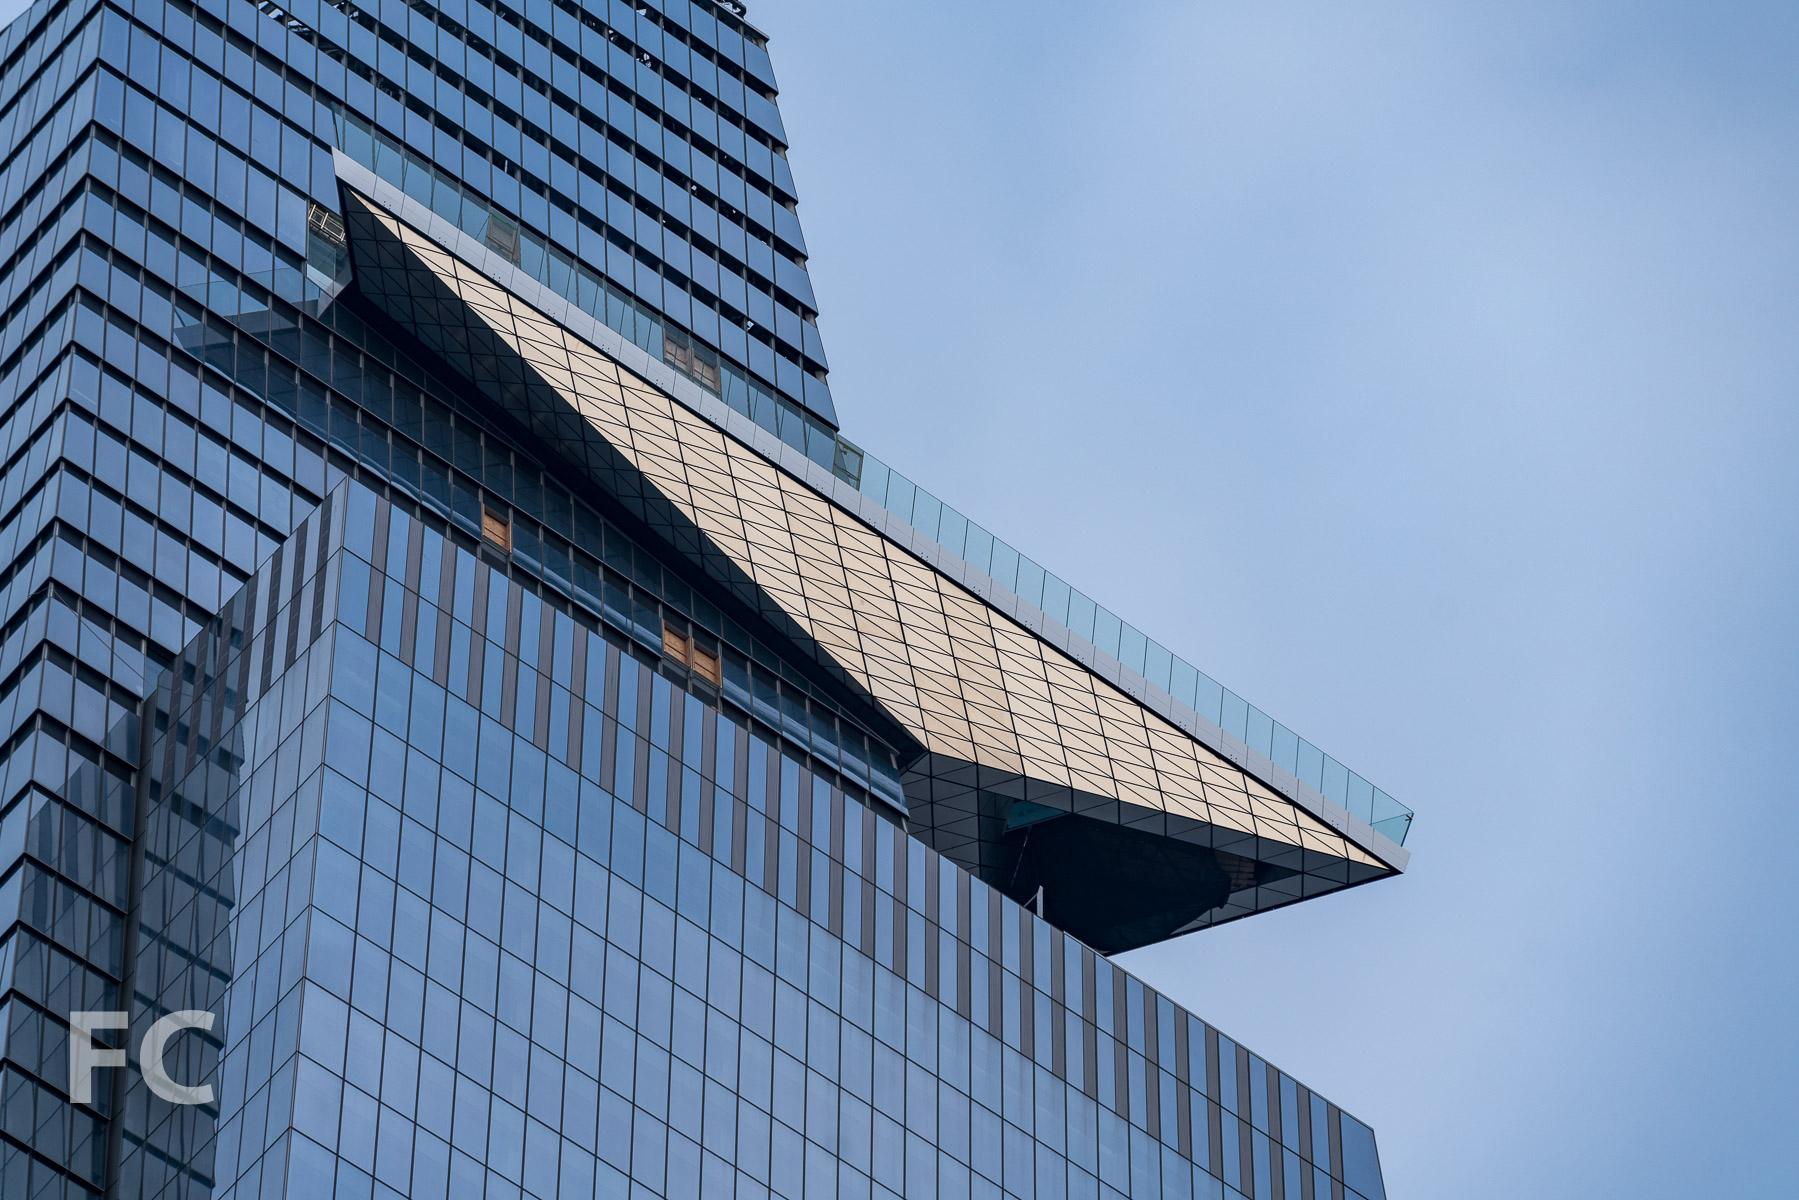 The observation deck at 30 Hudson Yards.